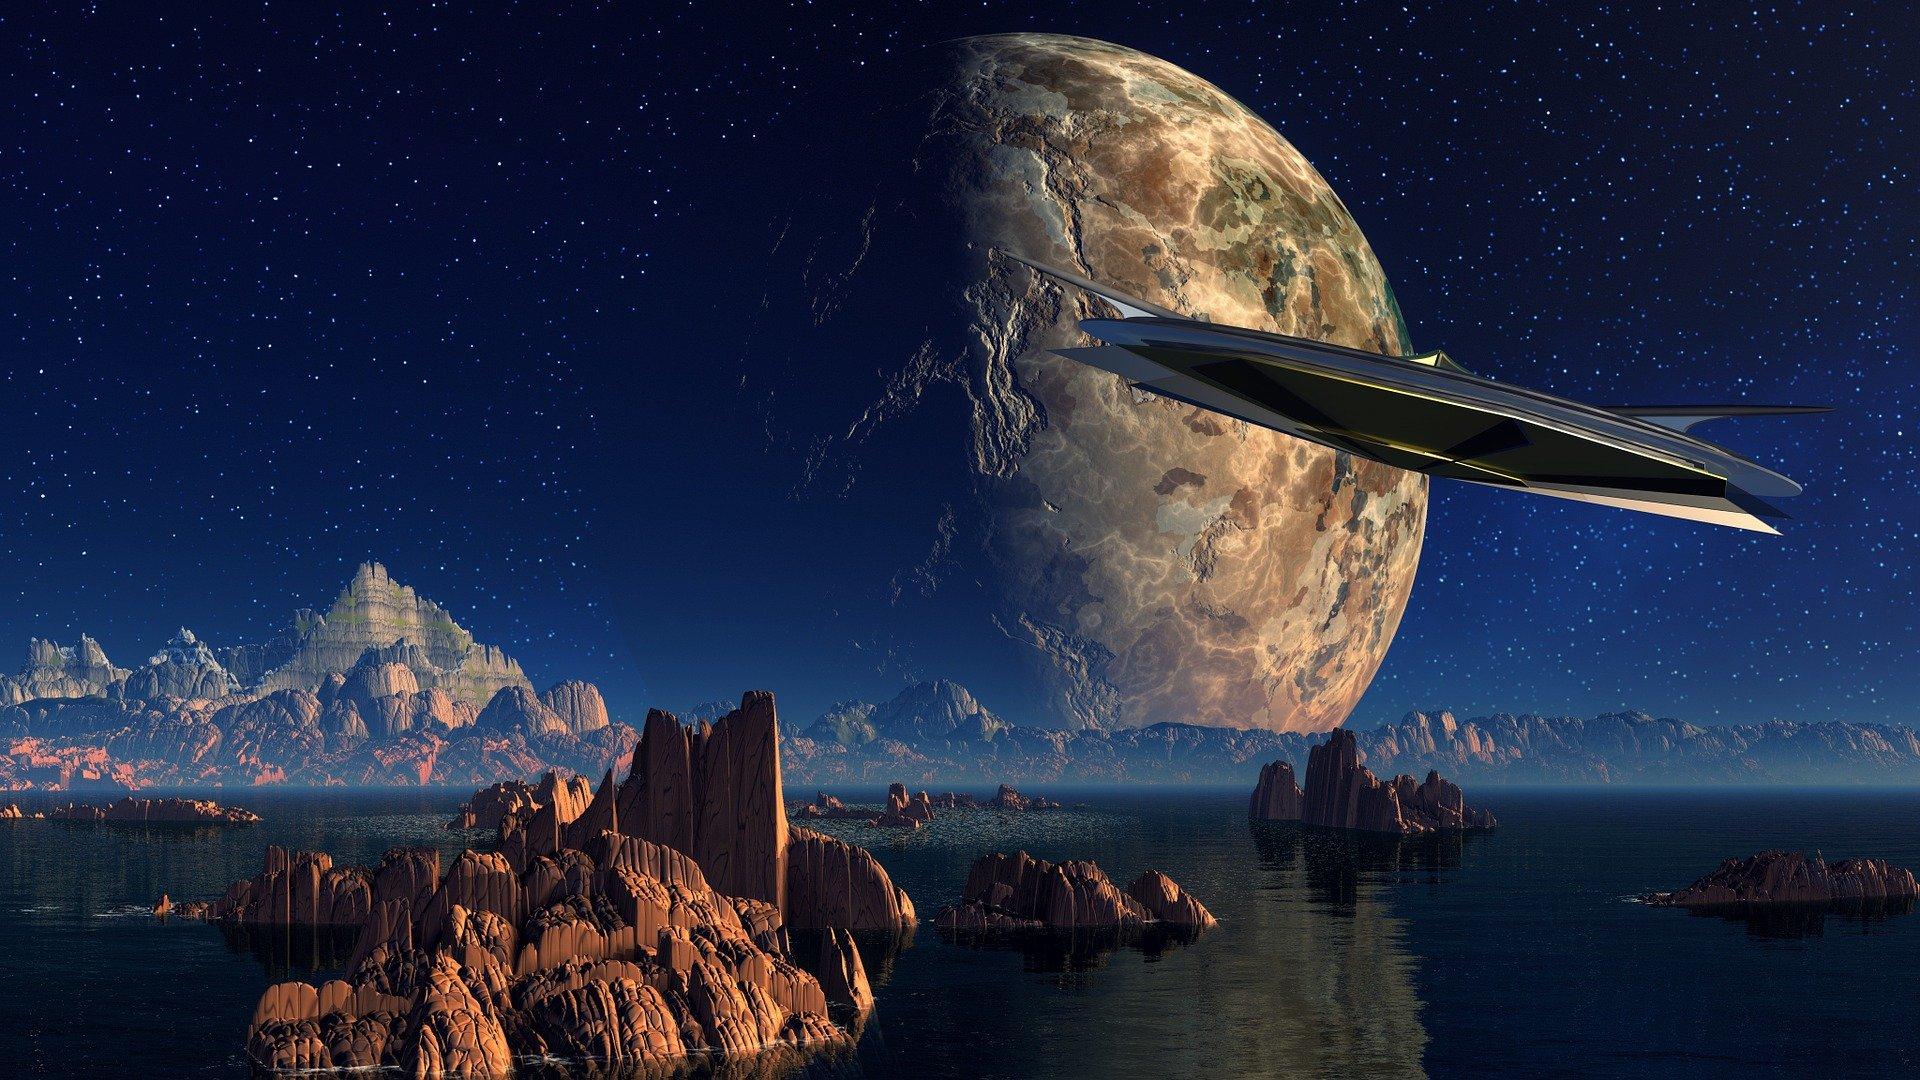 El cine de ciencia ficción nos acerca al futuro